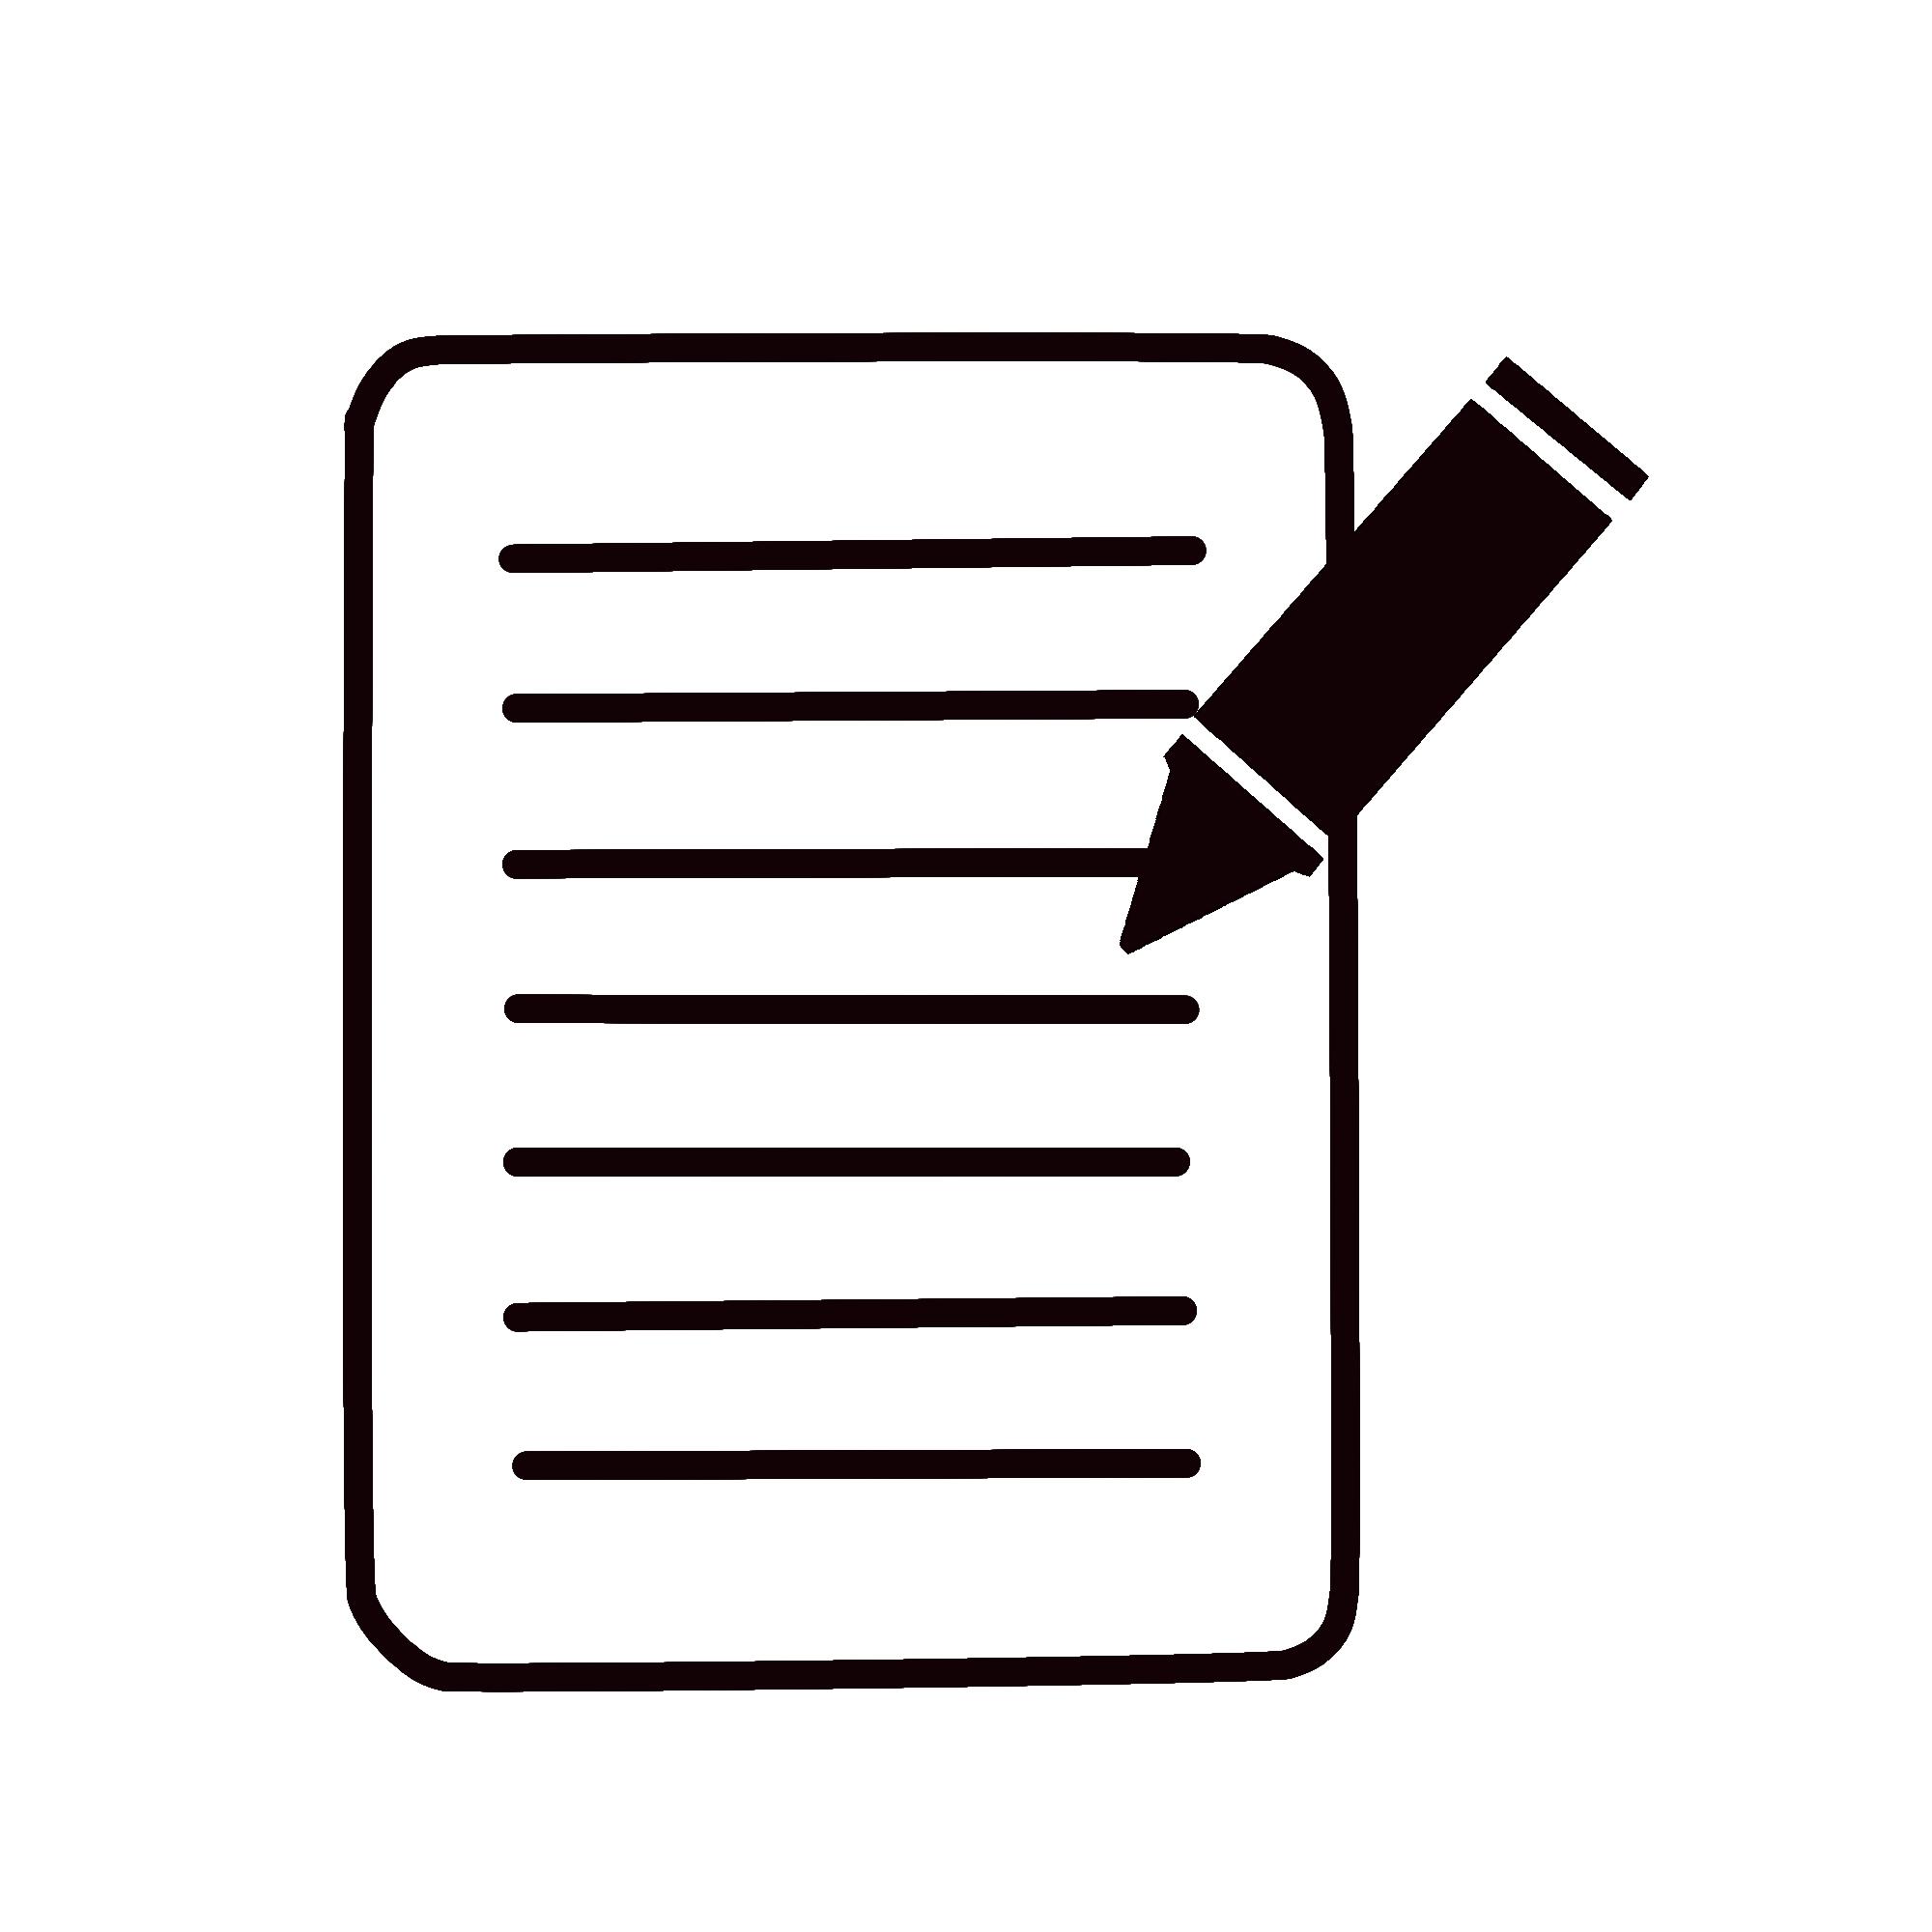 摄图网_401451029_纸和笔办公图标(企业商用).png